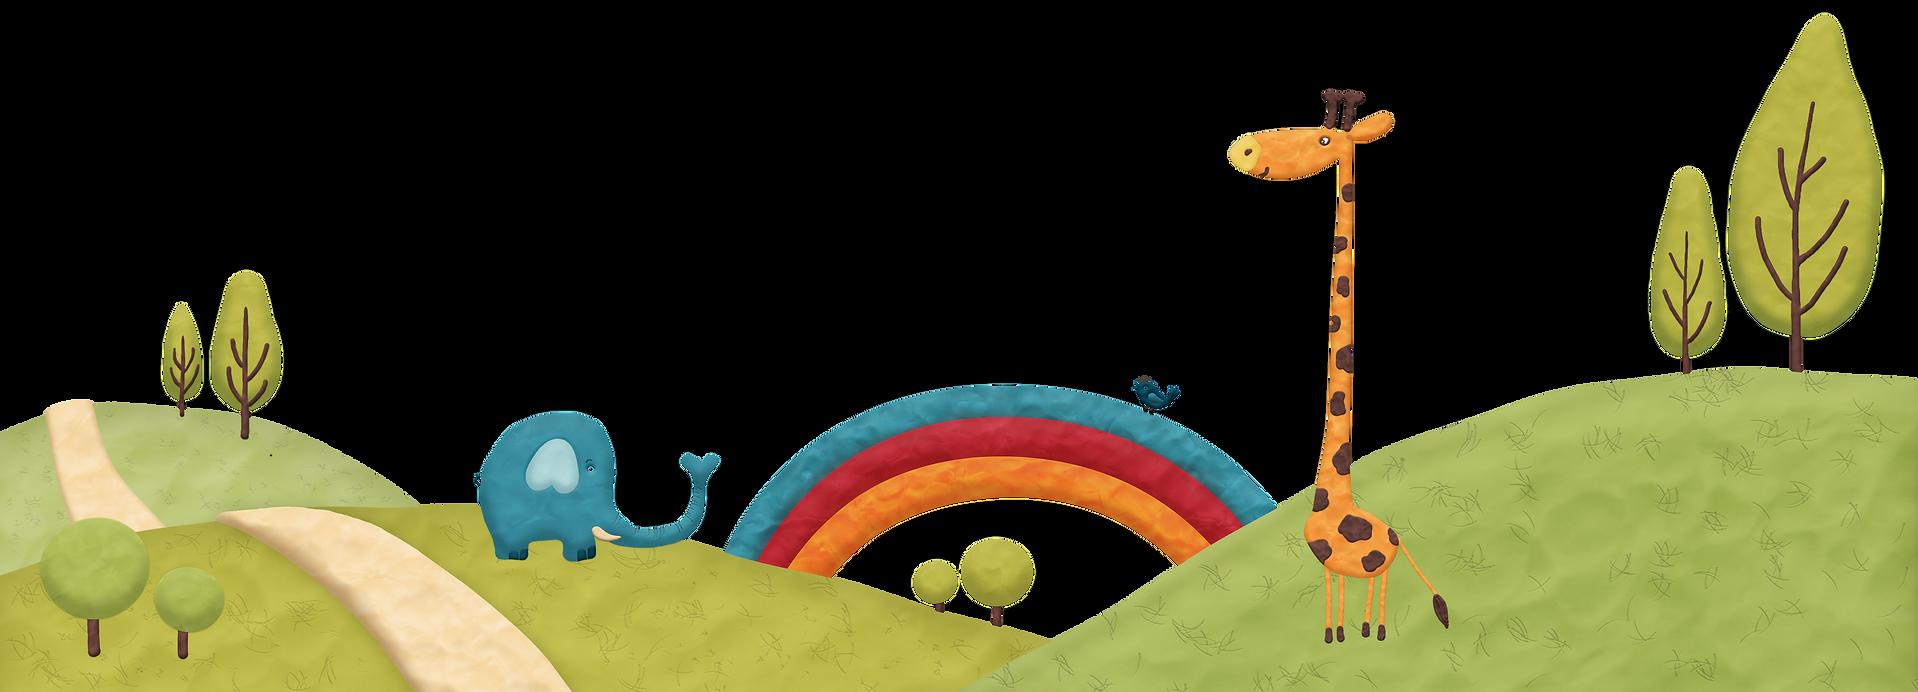 Детская иллюстрация - слон, жираф, радуга